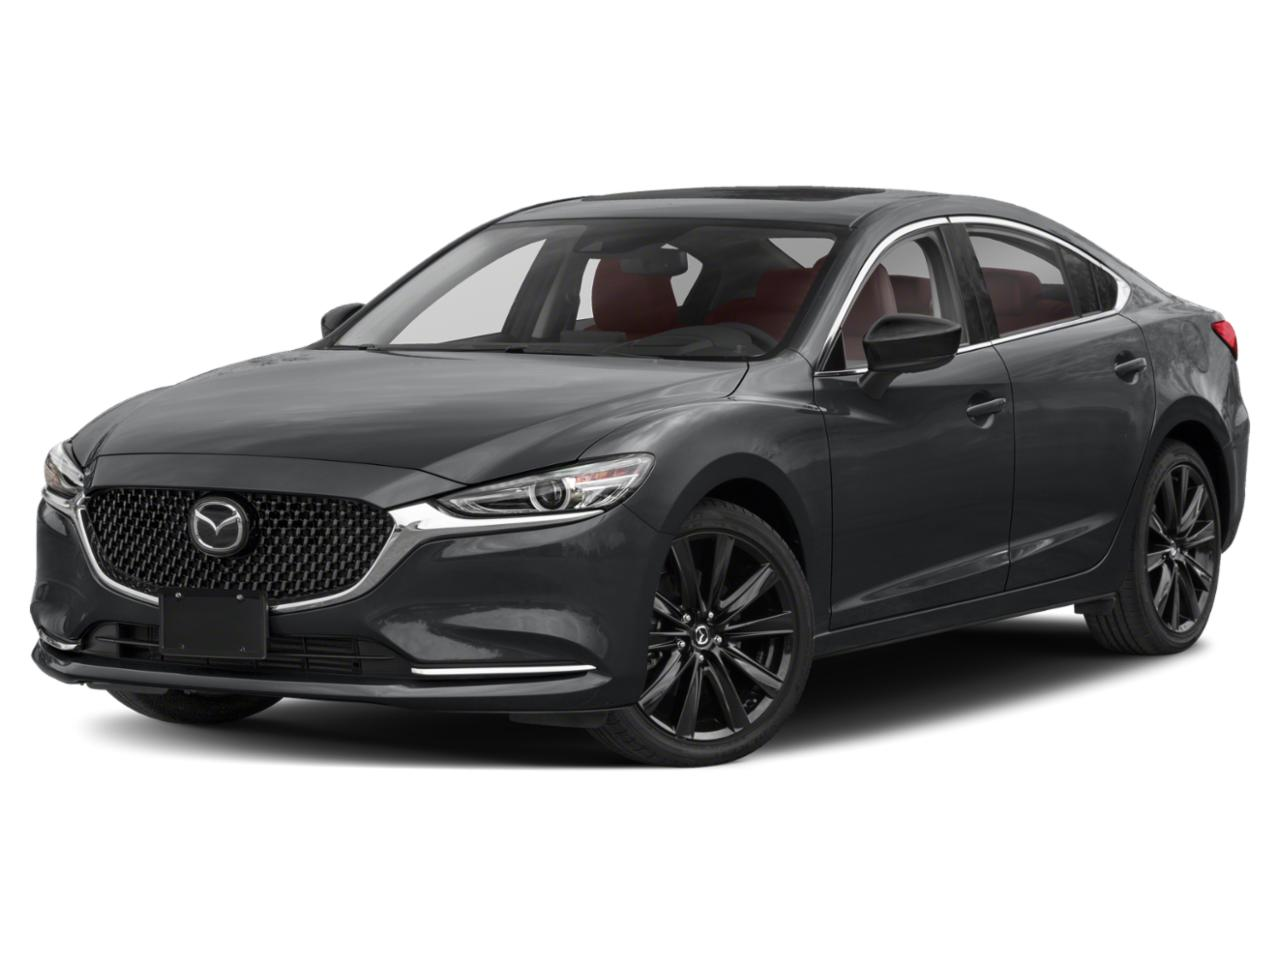 2021 Mazda Mazda6 Vehicle Photo in Peoria, IL 61615